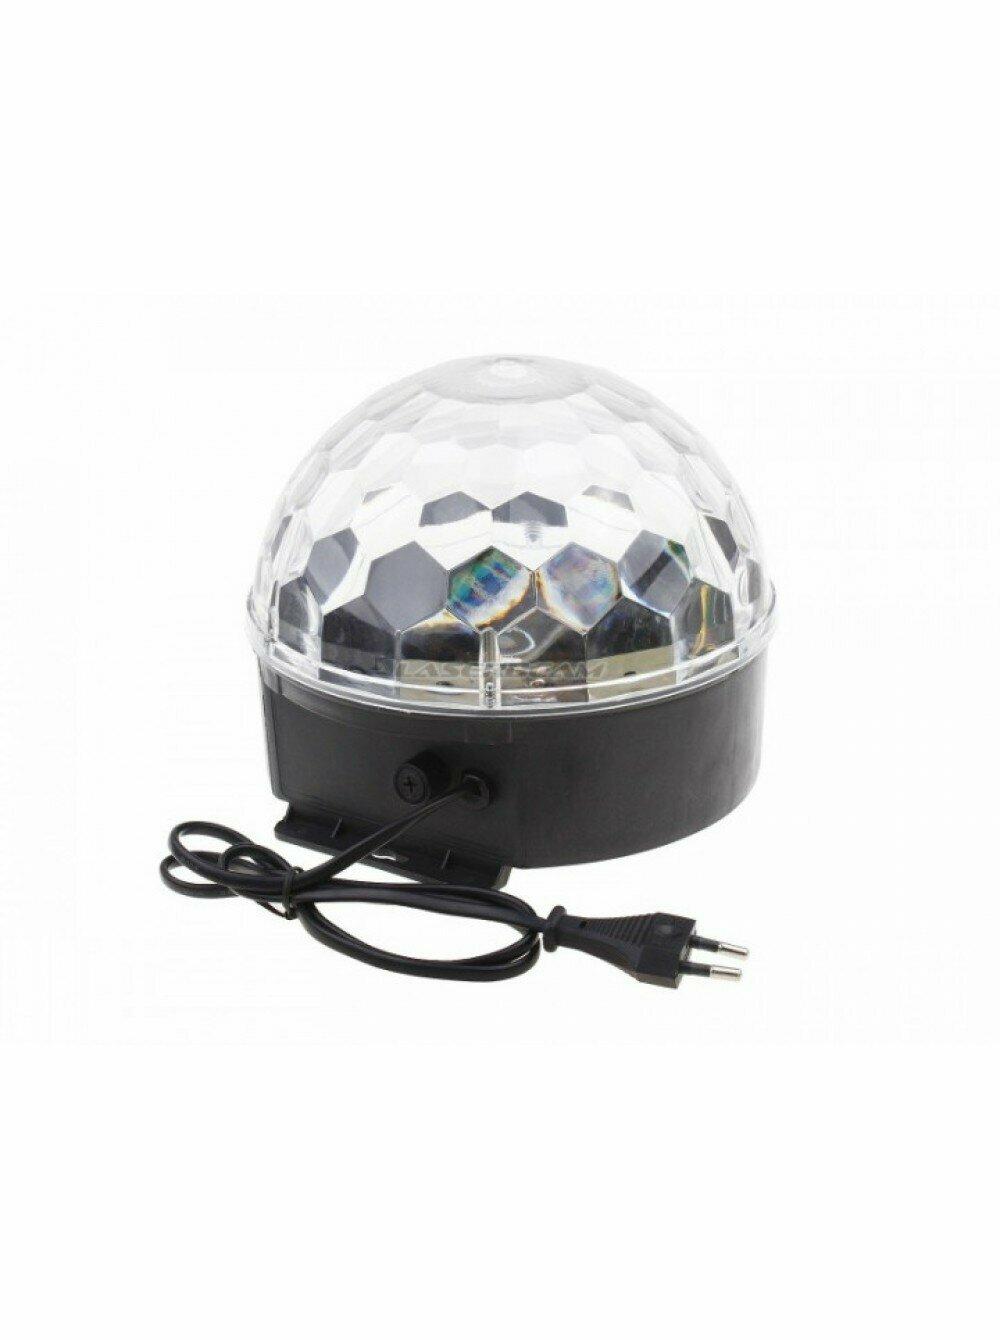 Лампа Led Crystal Magic Ball в Щучинске